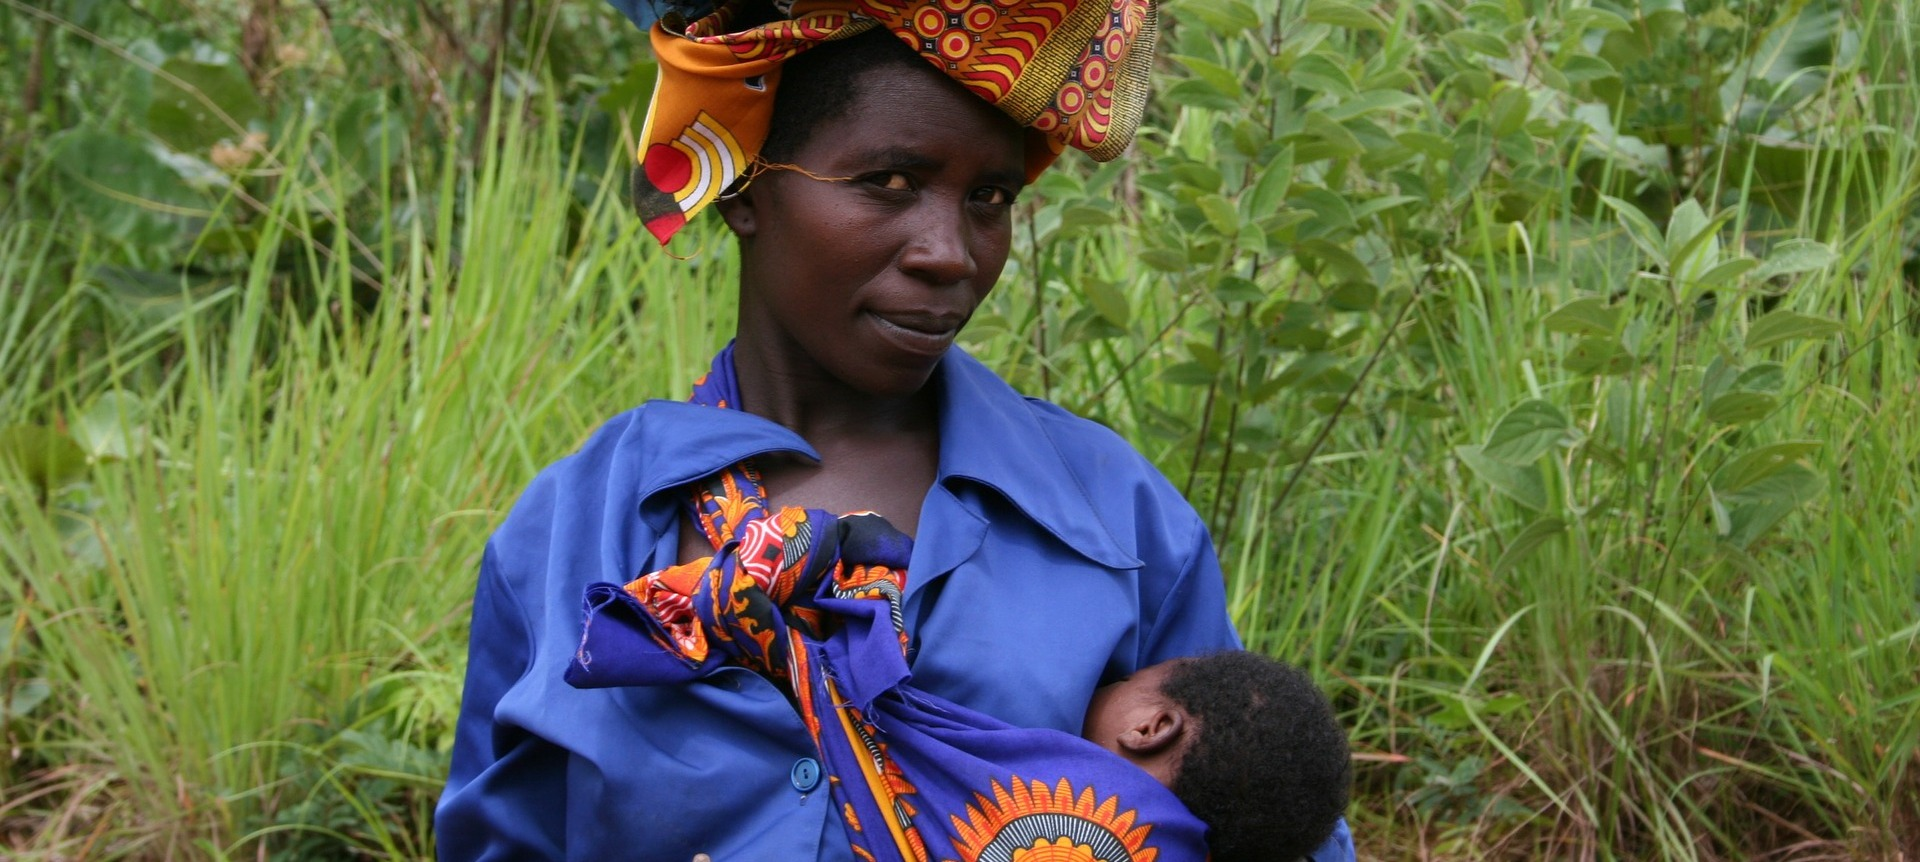 doodgeboren baby unicef